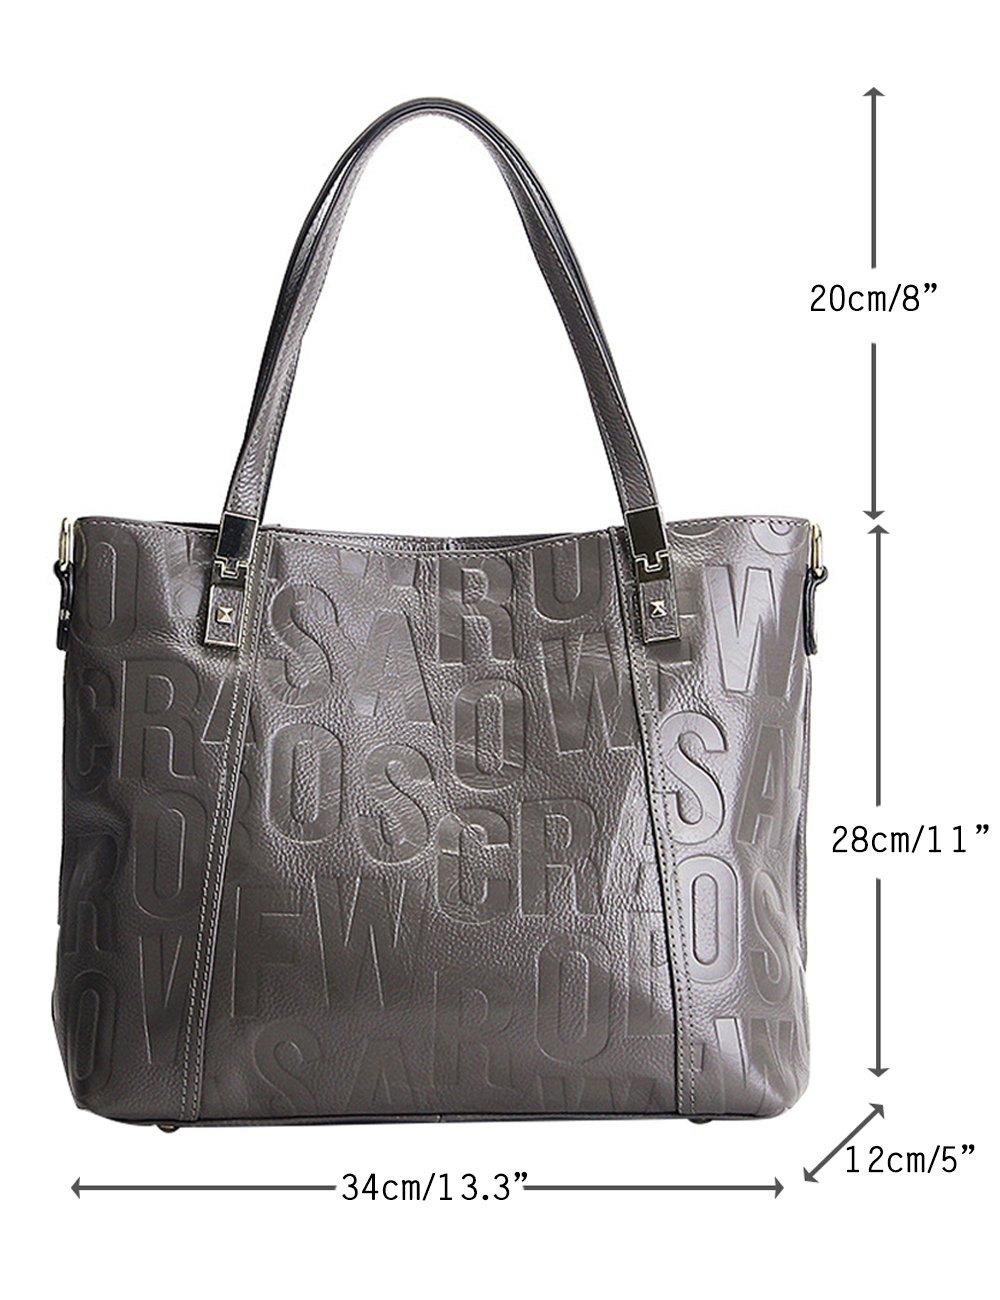 Menschwear Womens Genuine Leather Top Handle Satchel Bag Grey by Menschwear (Image #2)